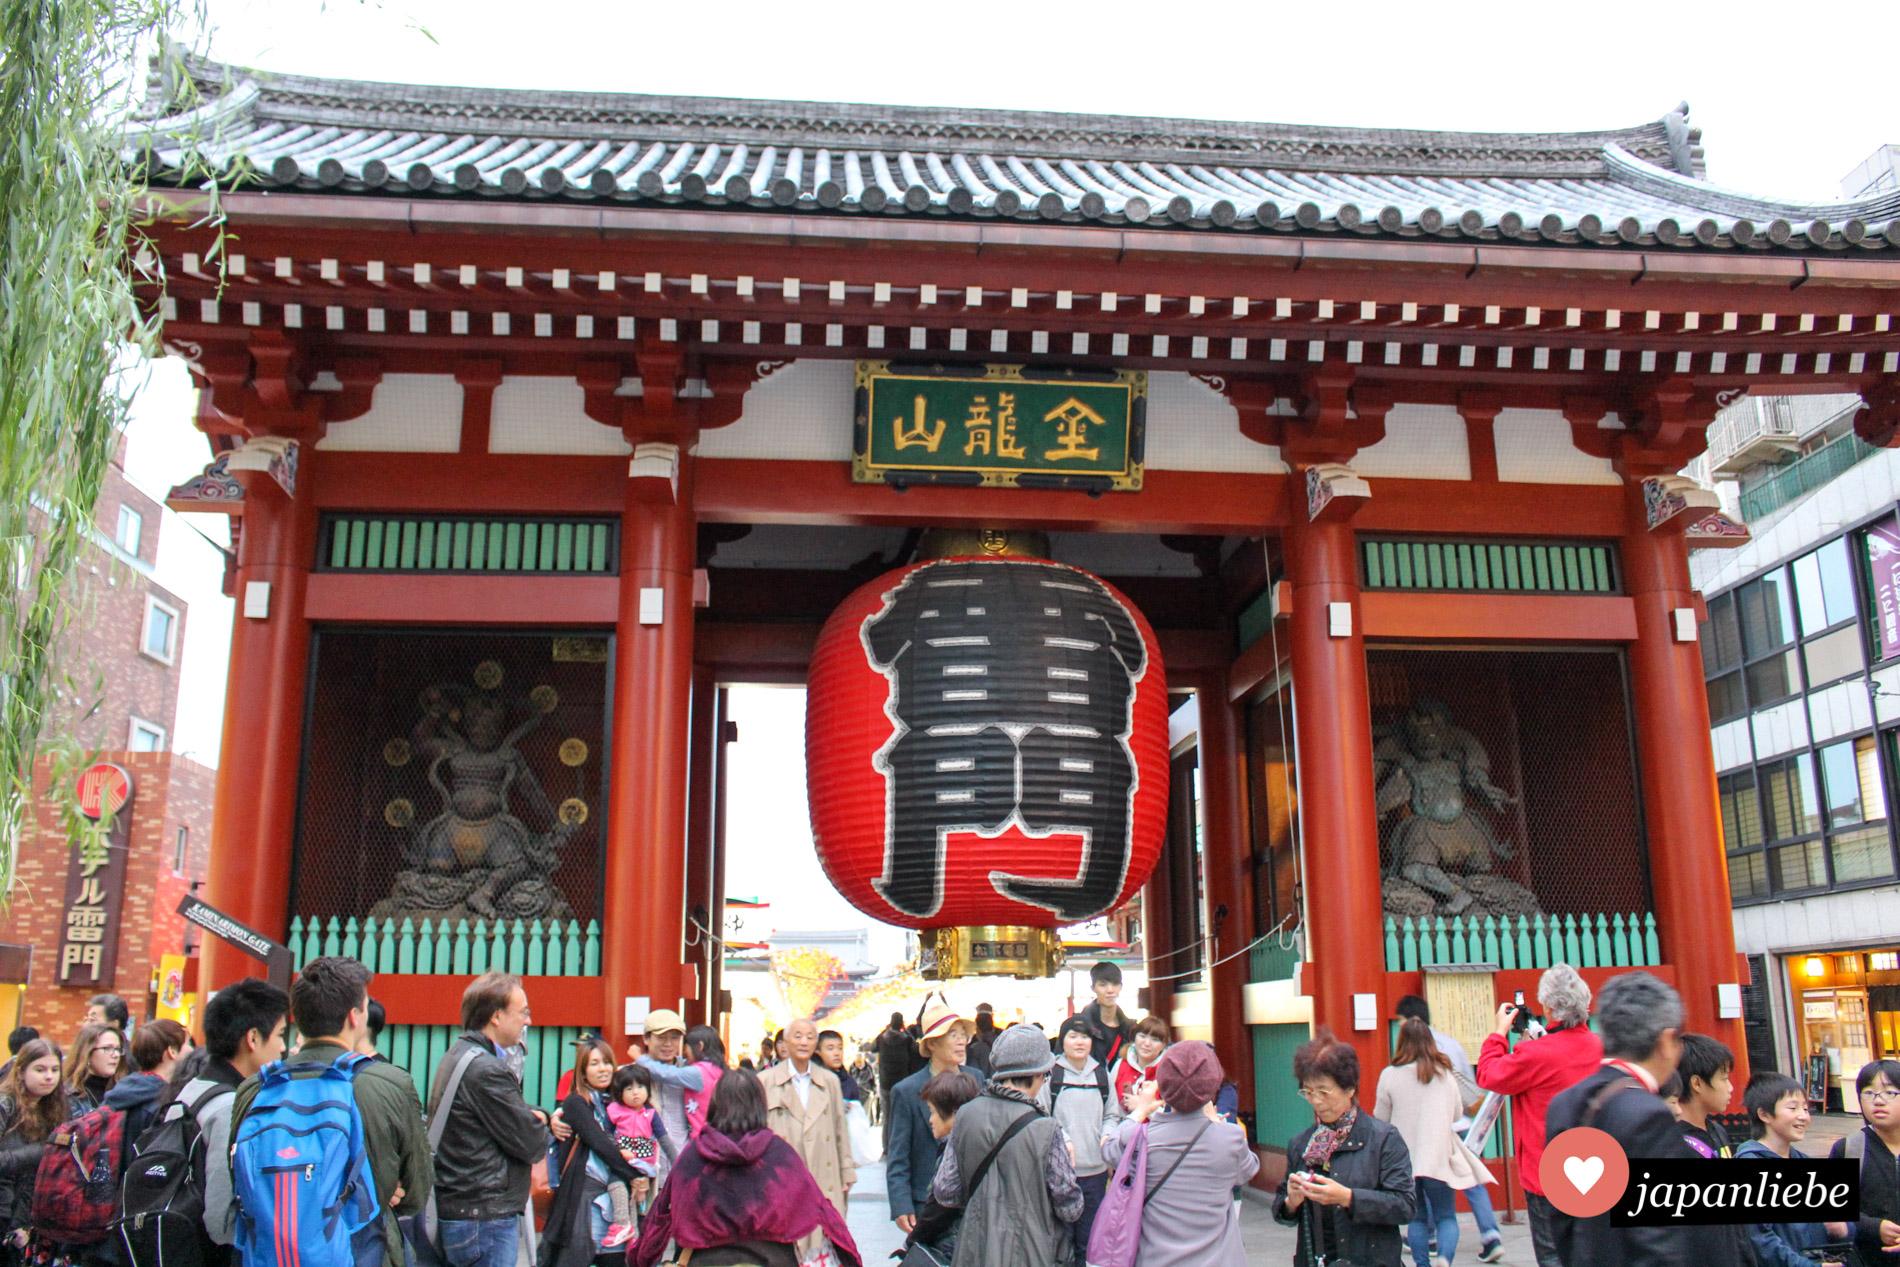 3,9 Meter hoch, 3,3 Meter breit und 700 kg schwer: die rote Laterne des Kaminari-mon Tors in Tōkyō ist ein wahres Monstrum und wird alle zehn Jahre erneuert.